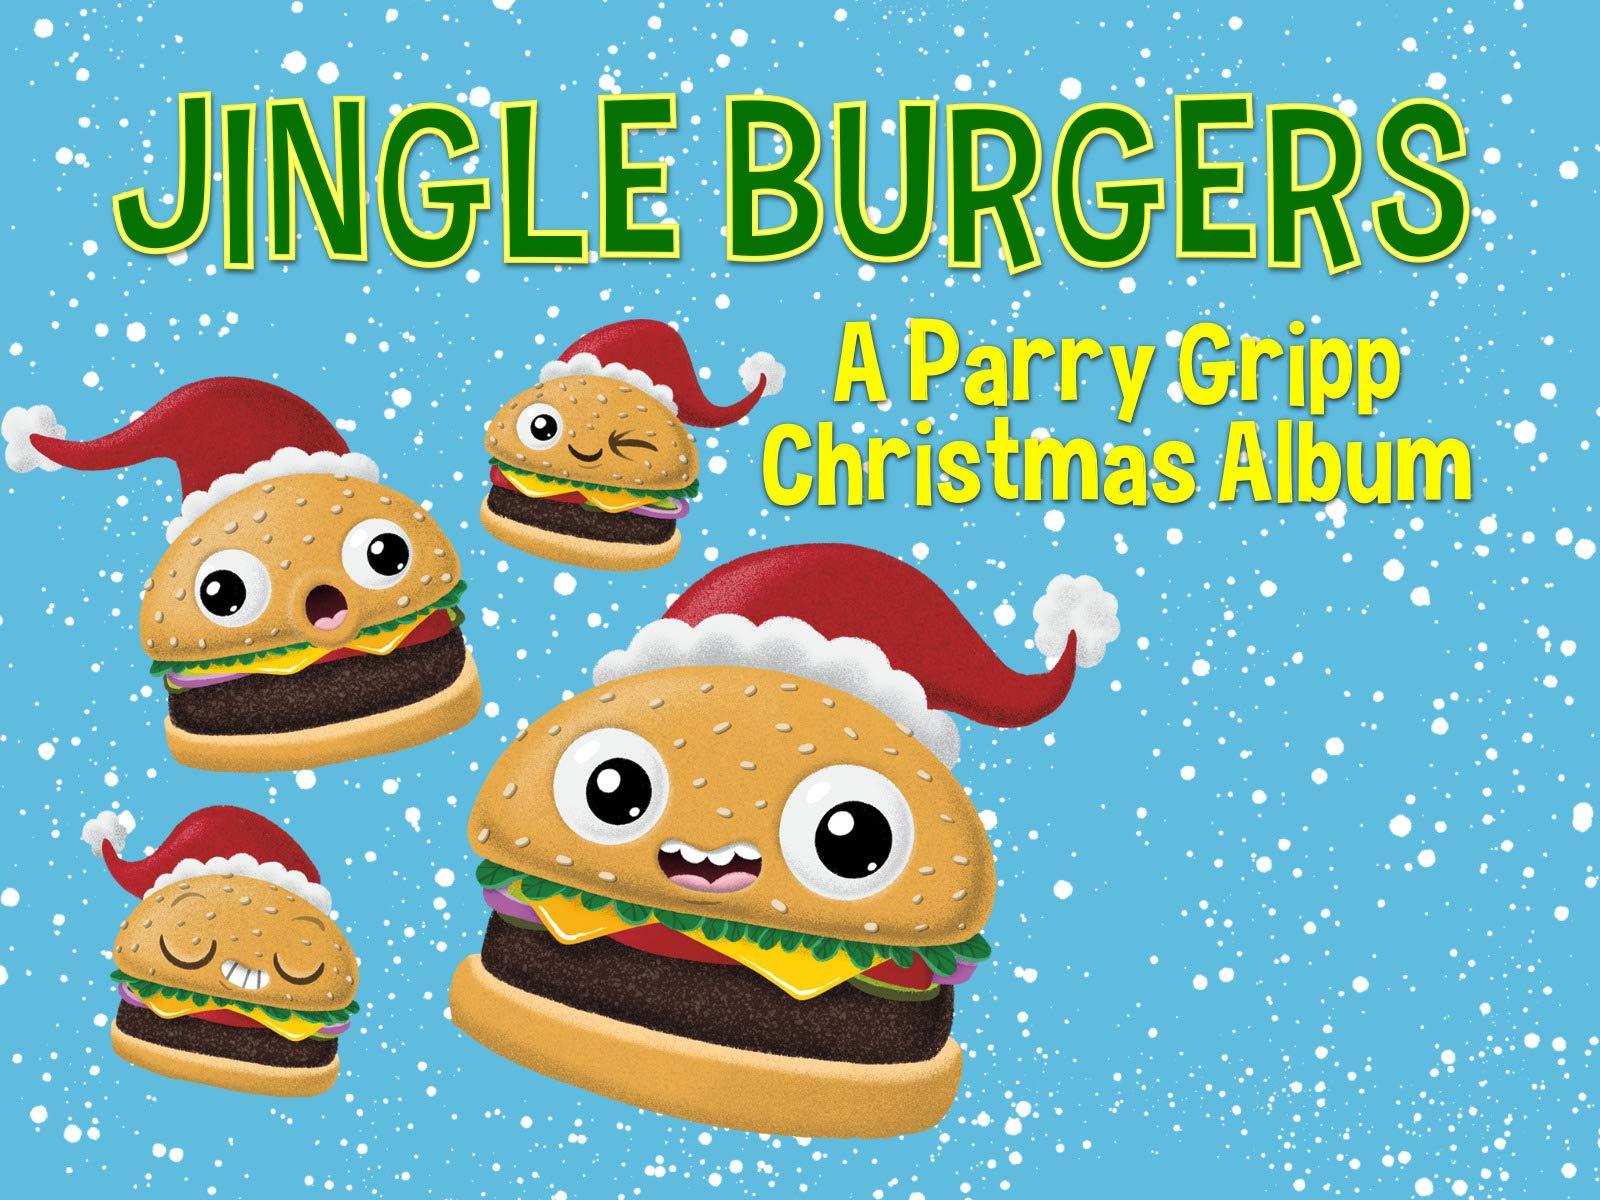 Jingle Burgers - A Parry Gripp Christmas Album